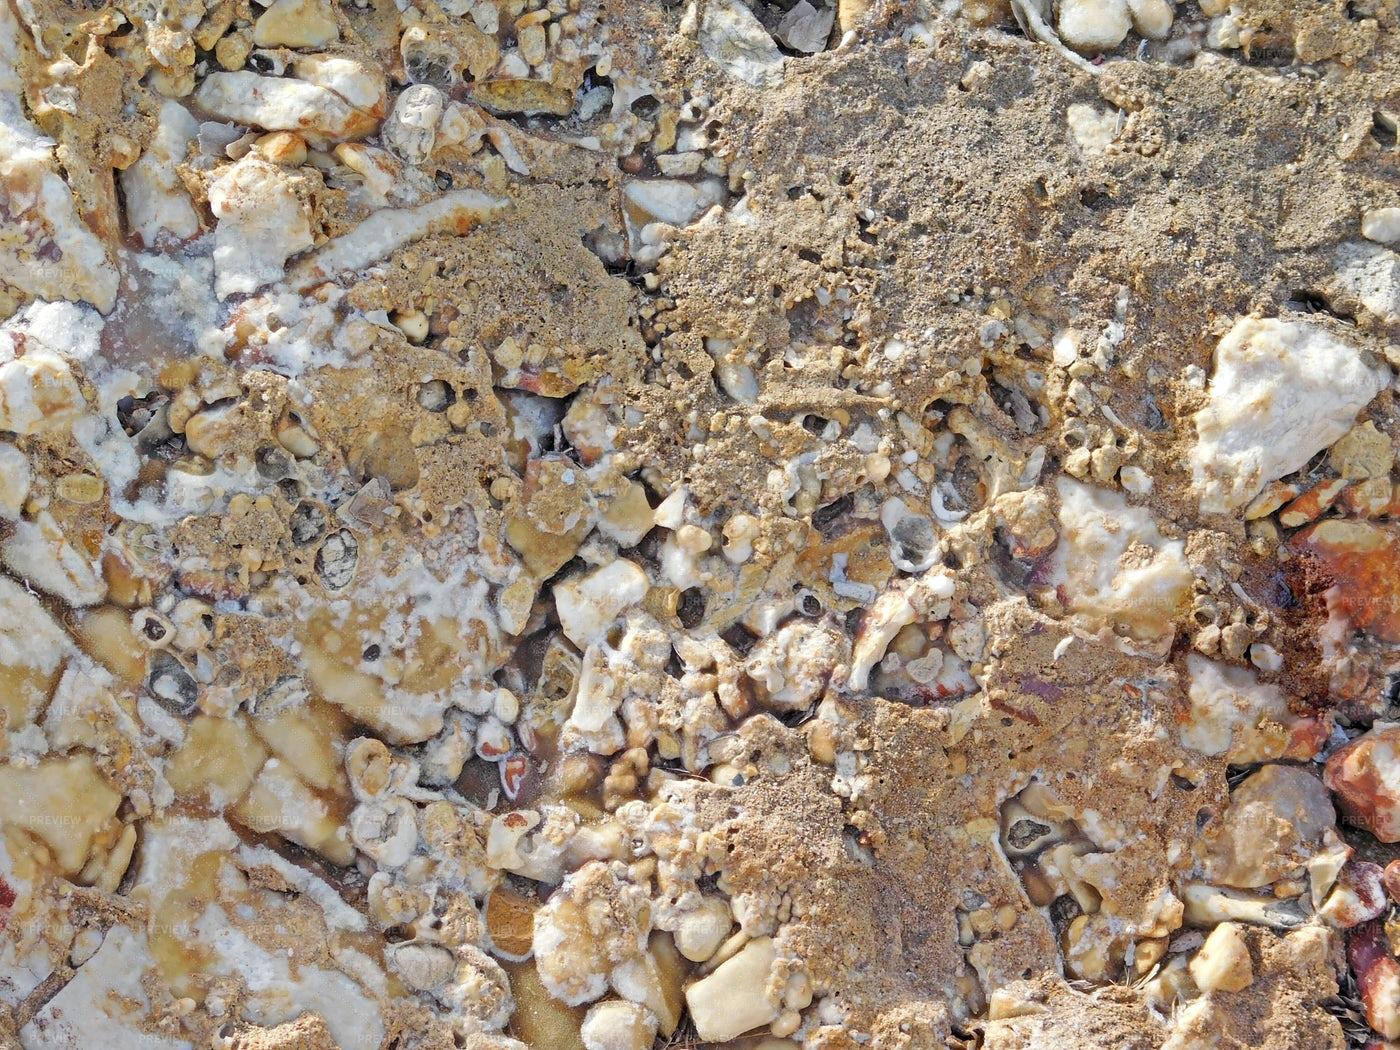 Stone Texture In The Garden: Stock Photos